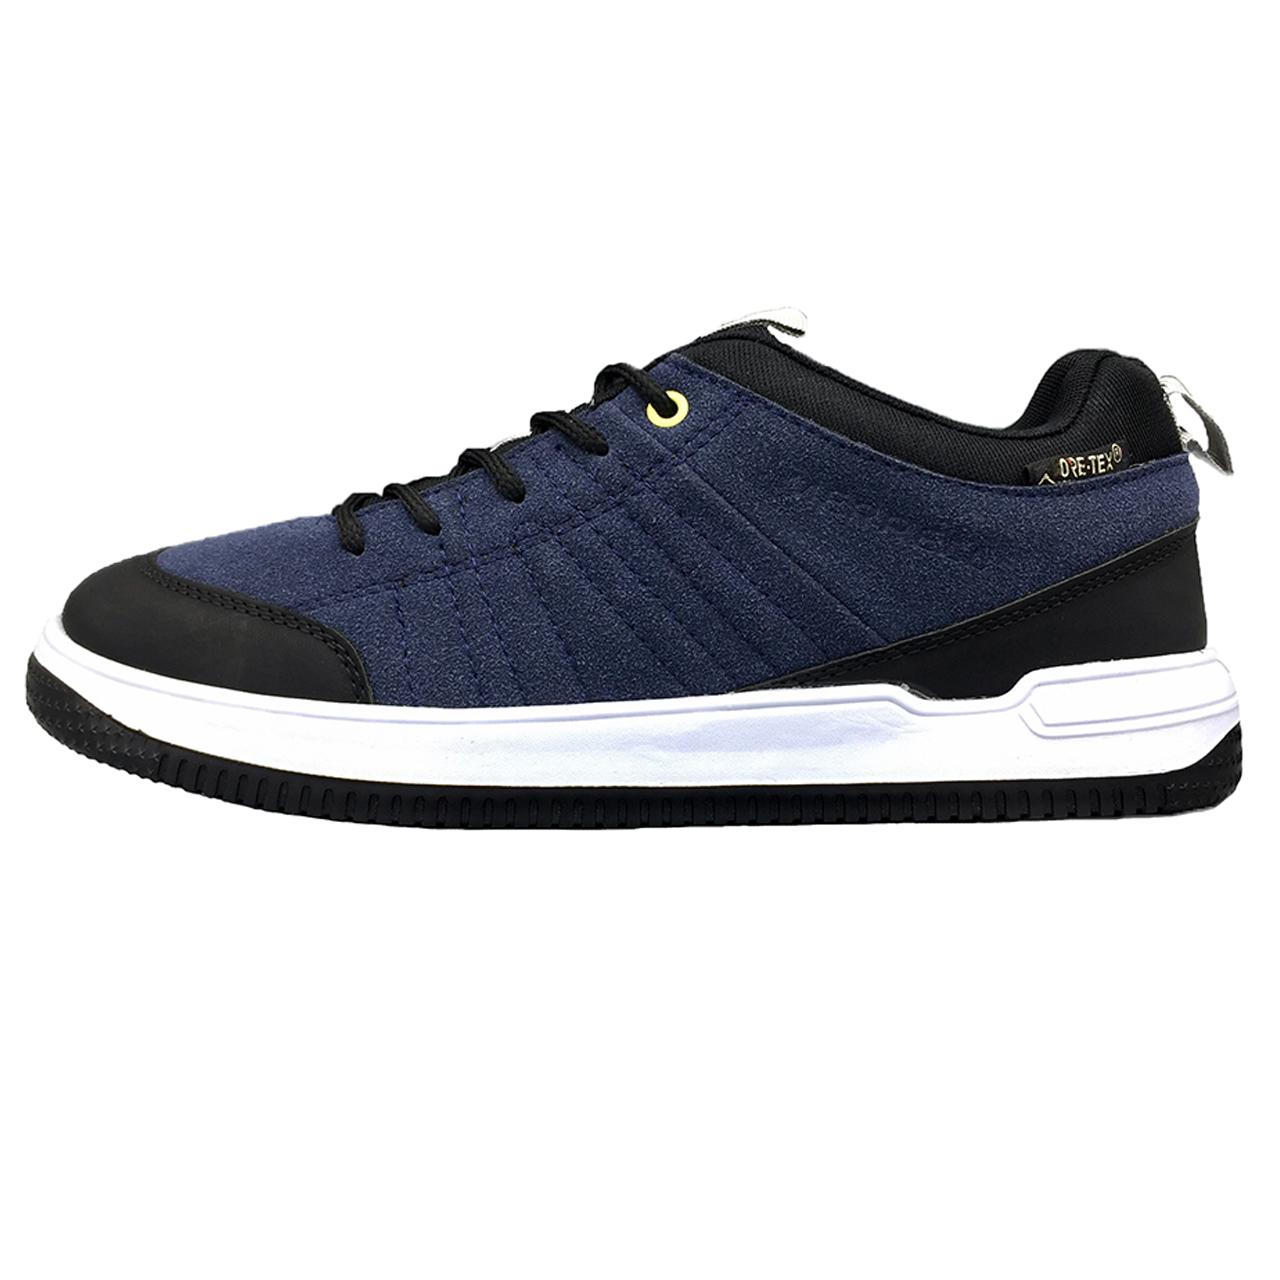 کفش راحتی مدل GORE-TEX-SO main 1 1